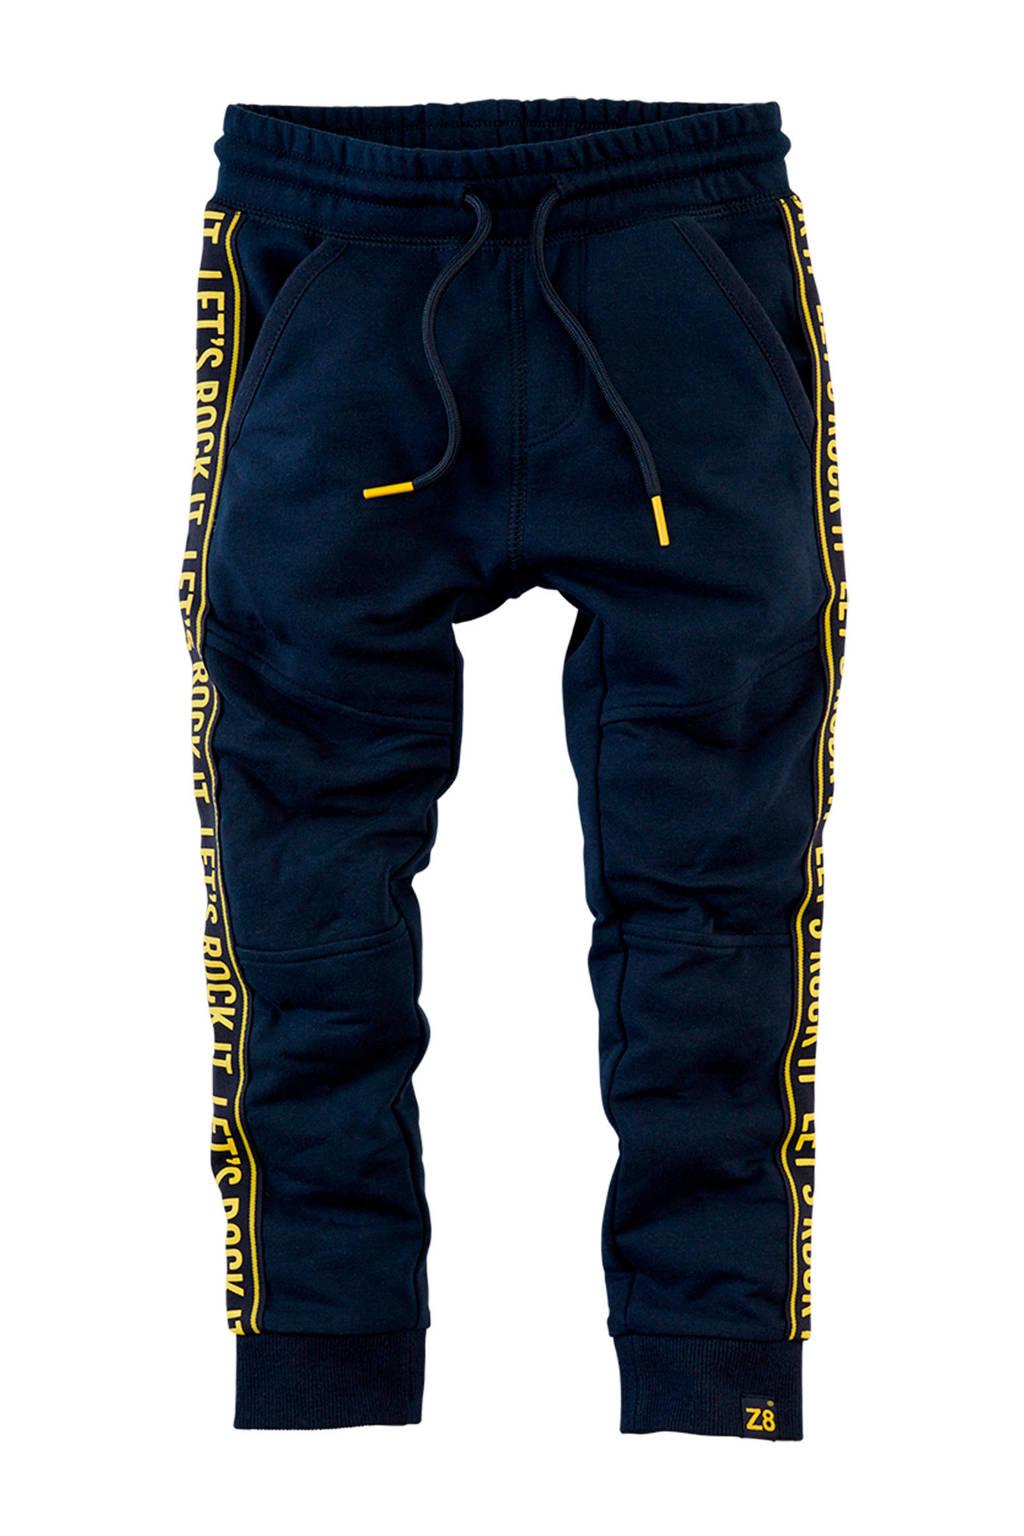 Z8 joggingbroek Cas met zijstreep donkerblauw/geel, Donkerblauw/geel